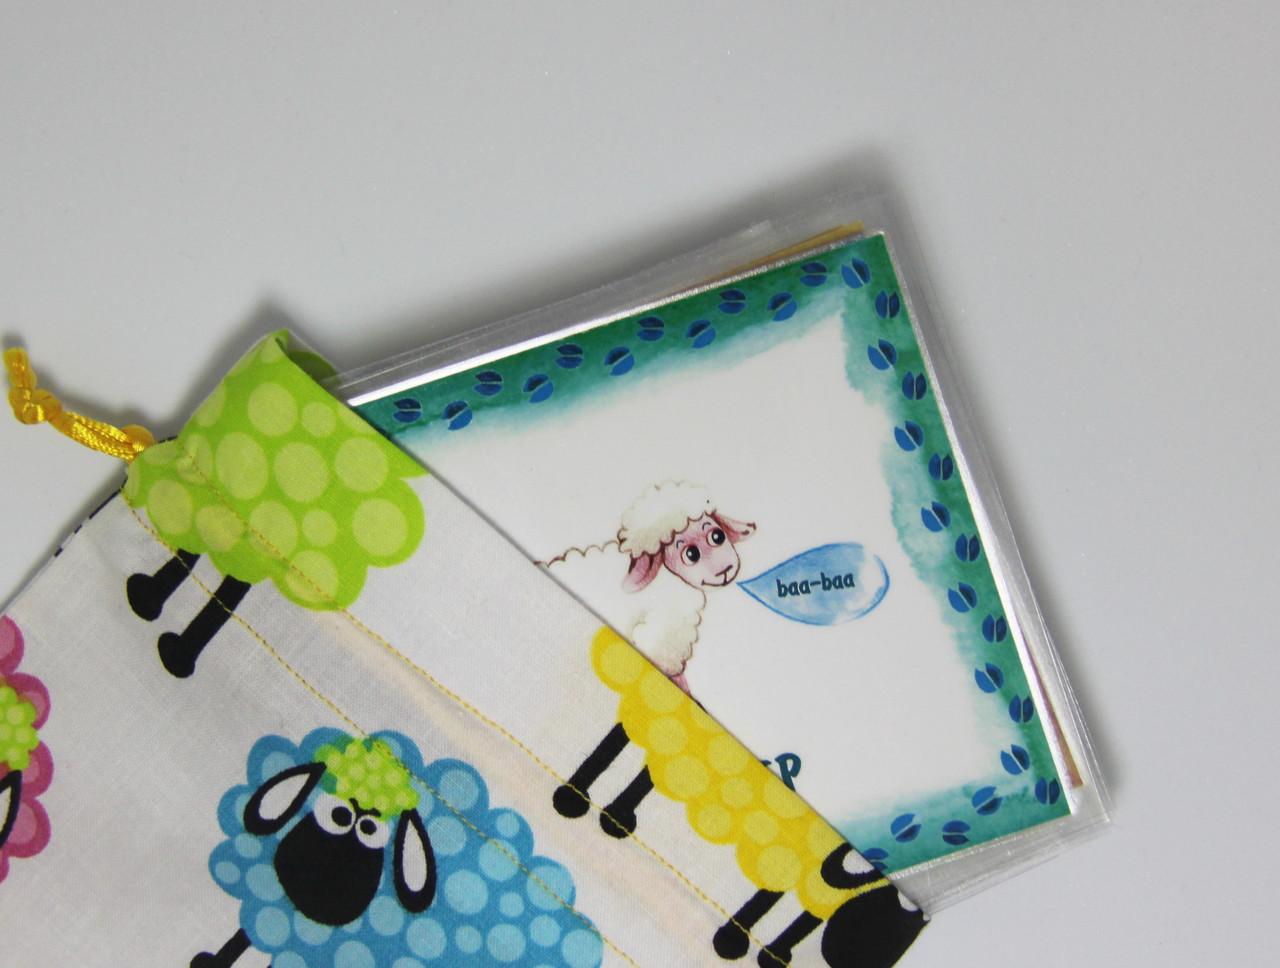 Дитячі англійські карточки з тваринками Farm animals - фото 2